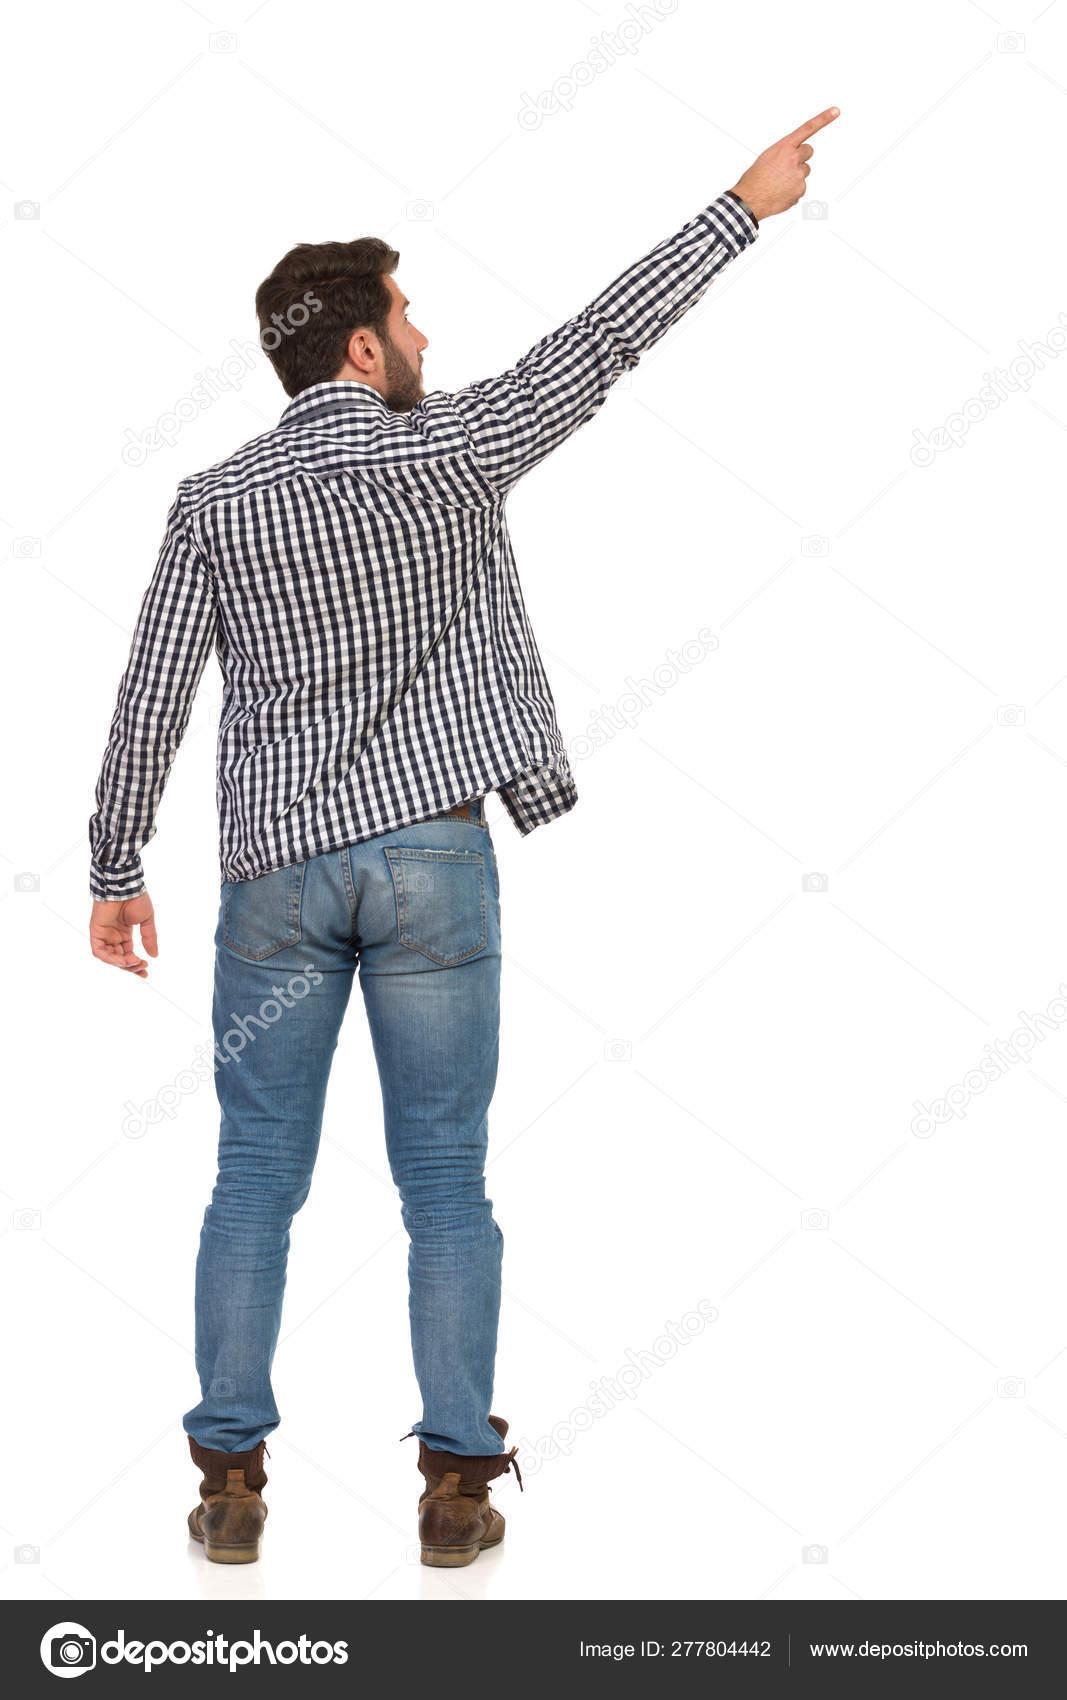 cerca genuino prezzo favorevole grandi affari sulla moda Giovane uomo con gli stivali, jeans e boscaiolo camicia sta ...